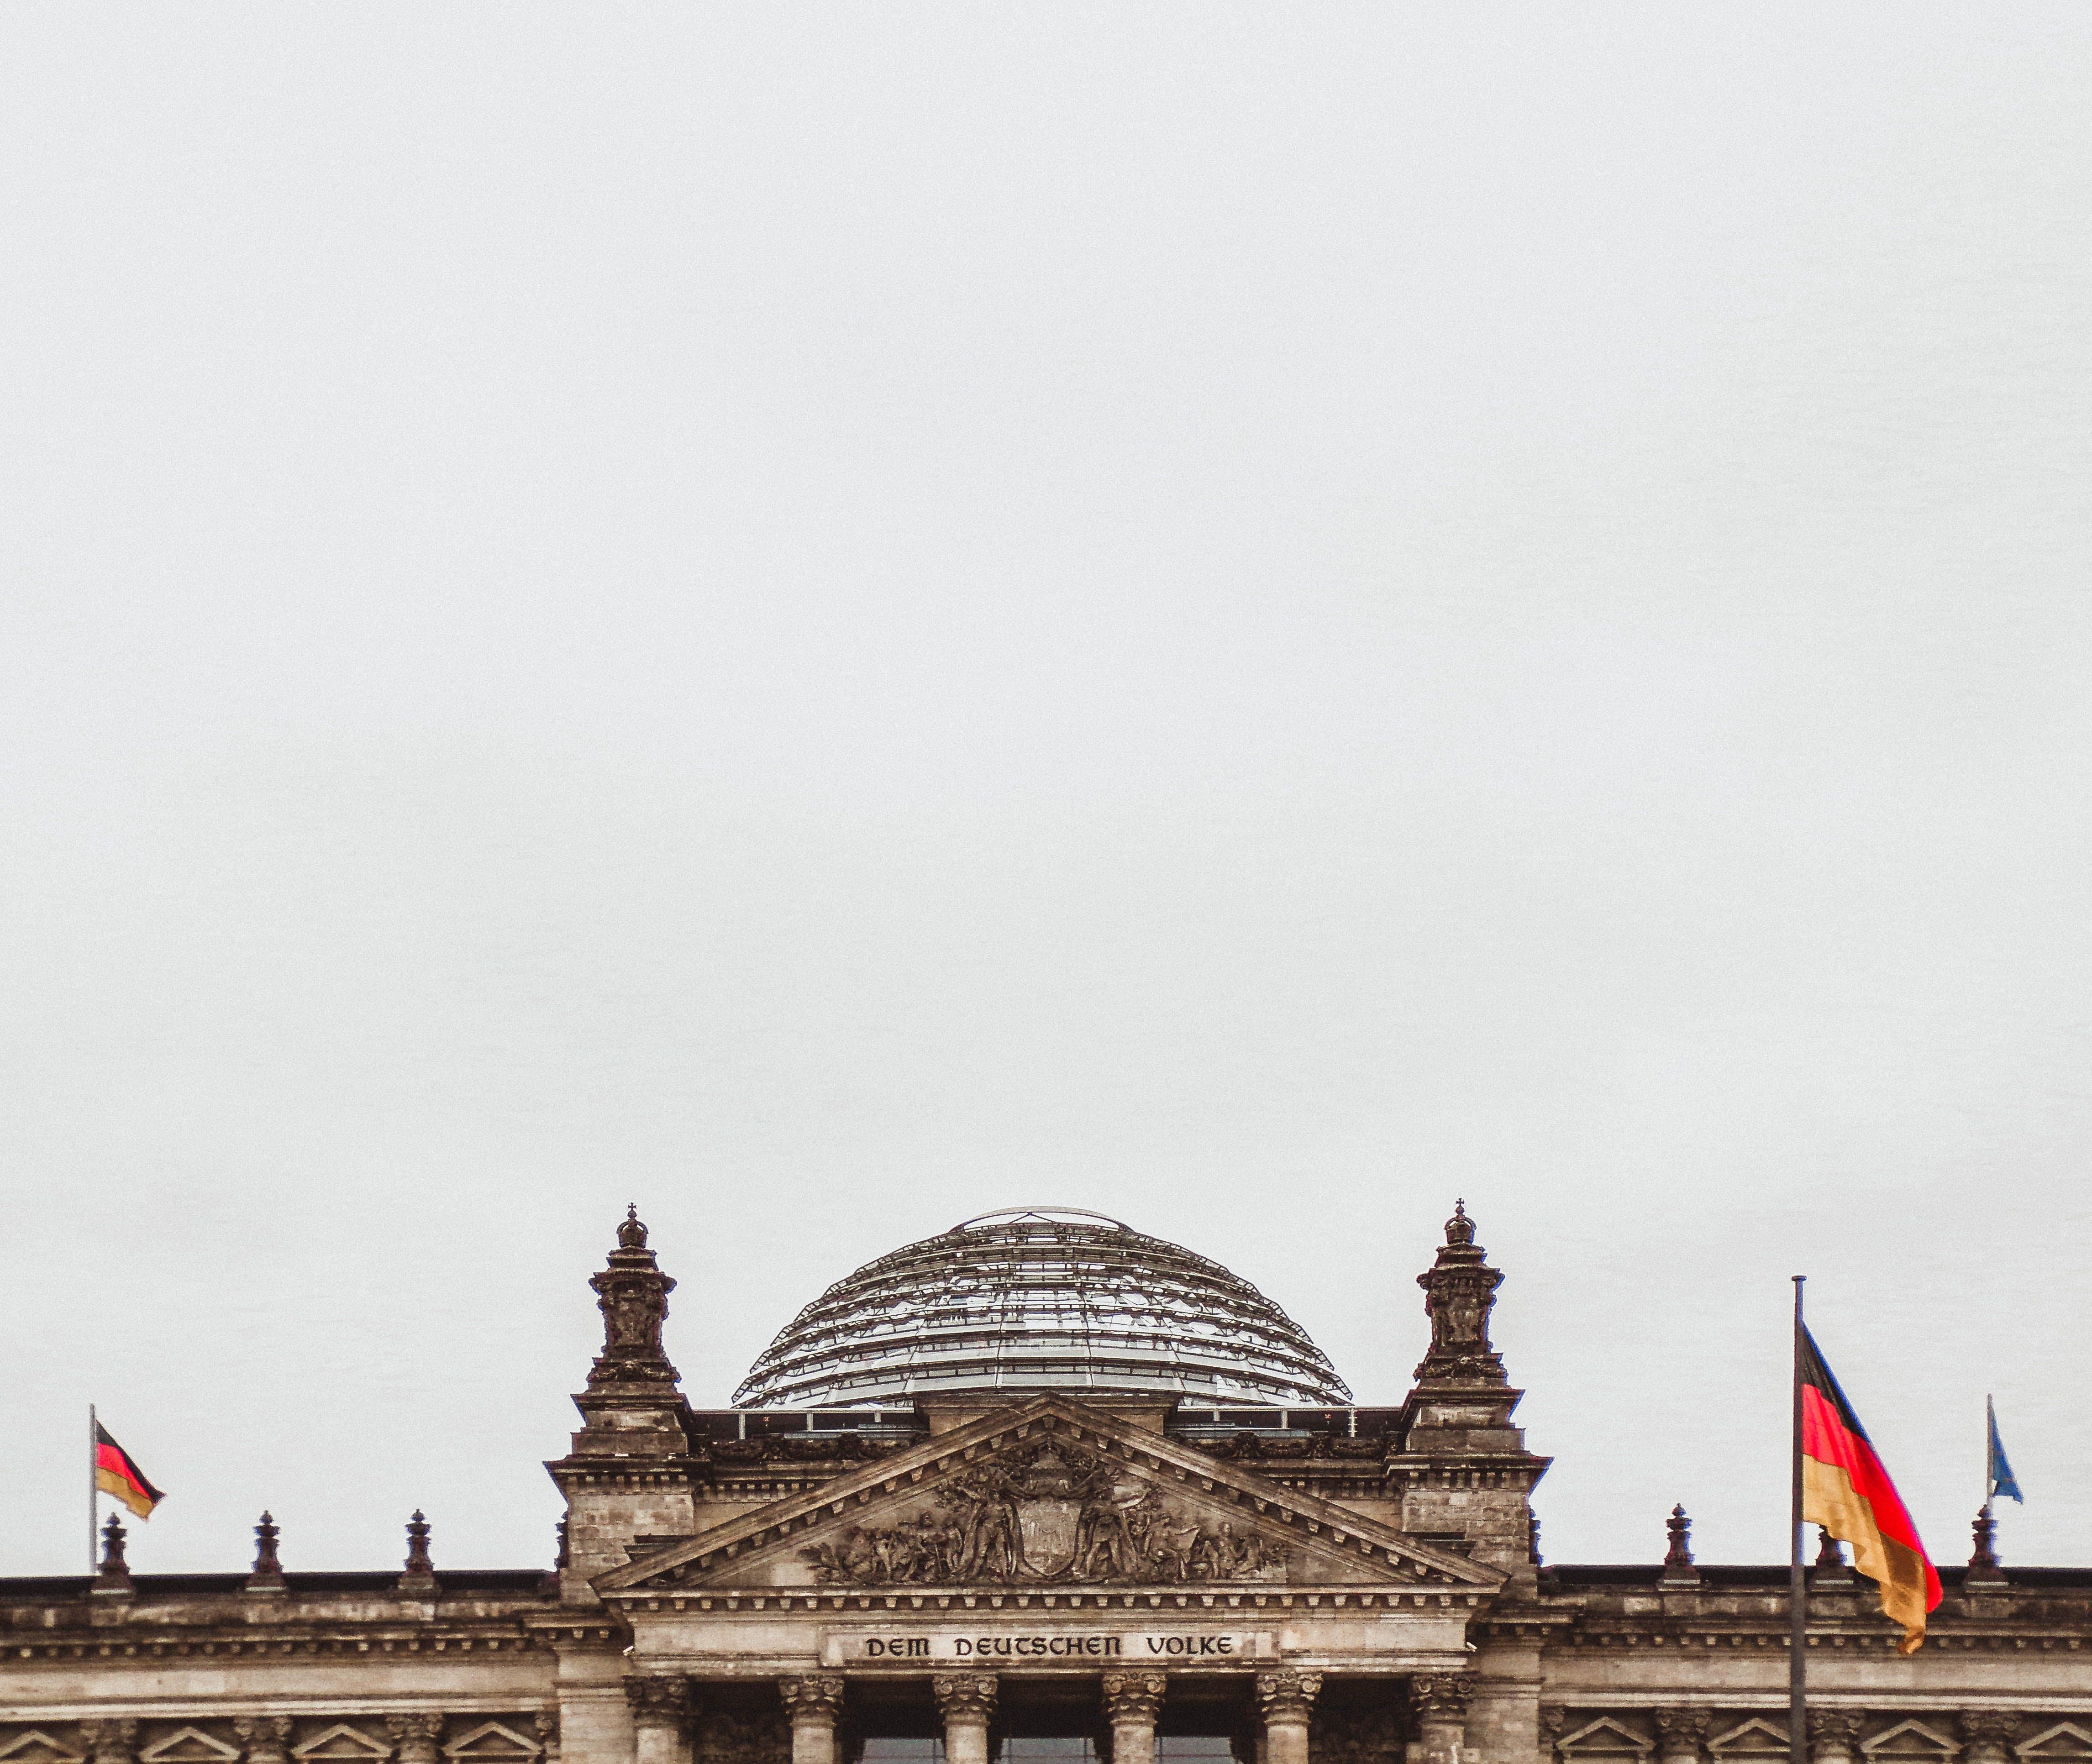 Kostenloses Stock Foto zu architektur, berlin, deutschland, fotografie